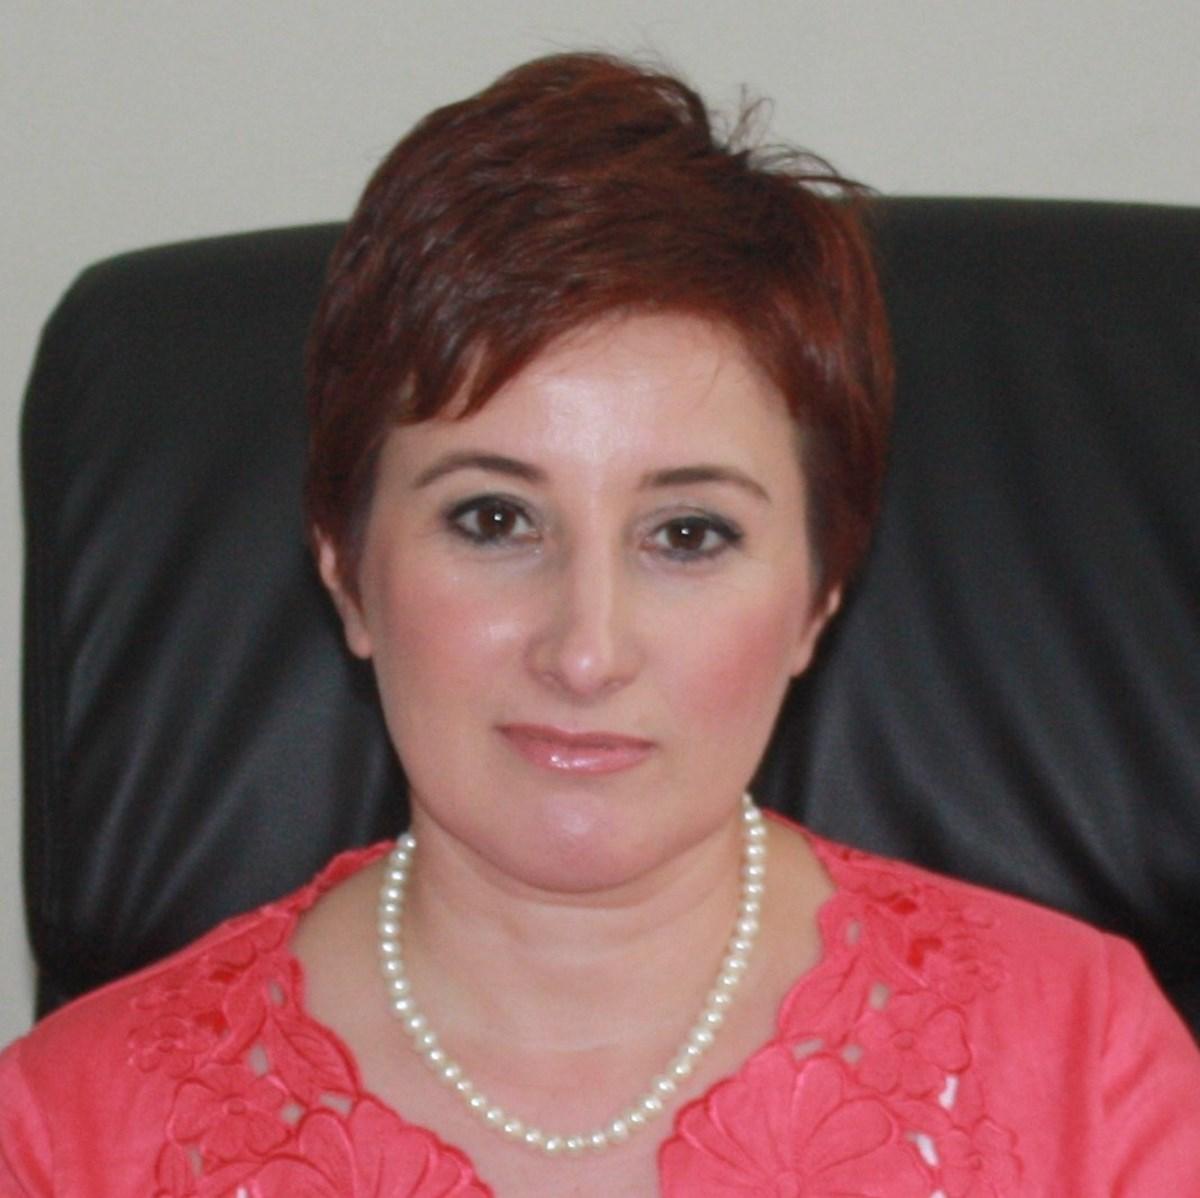 İstanbul Üniversitesi Su Bilimleri Fakültesi Öğretim Üyesi Prof. Dr. Saadet Karakulak